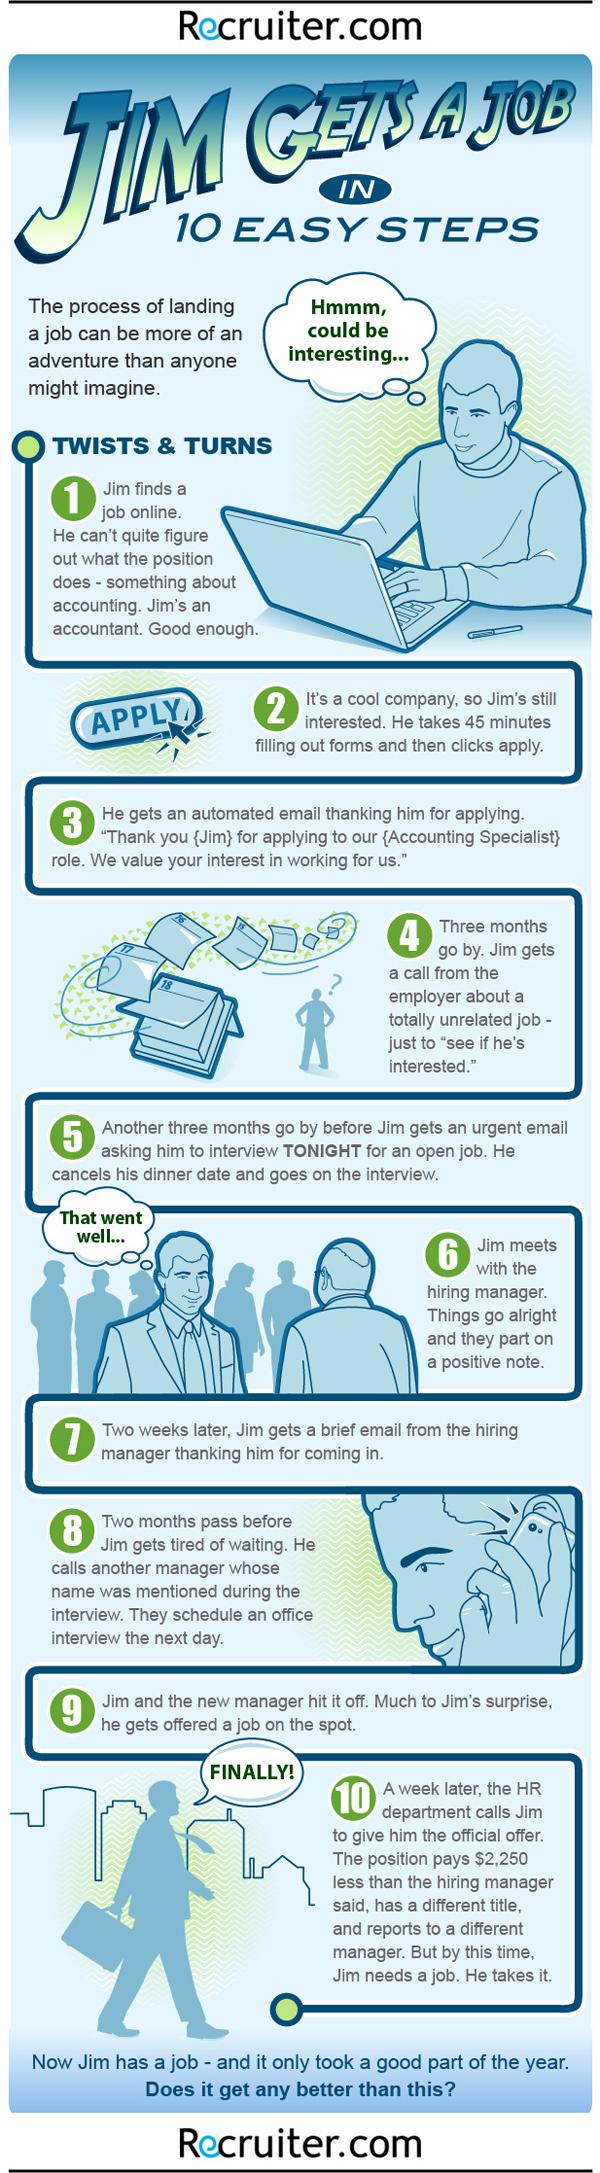 Jim Gets a Job - Recruiter.com